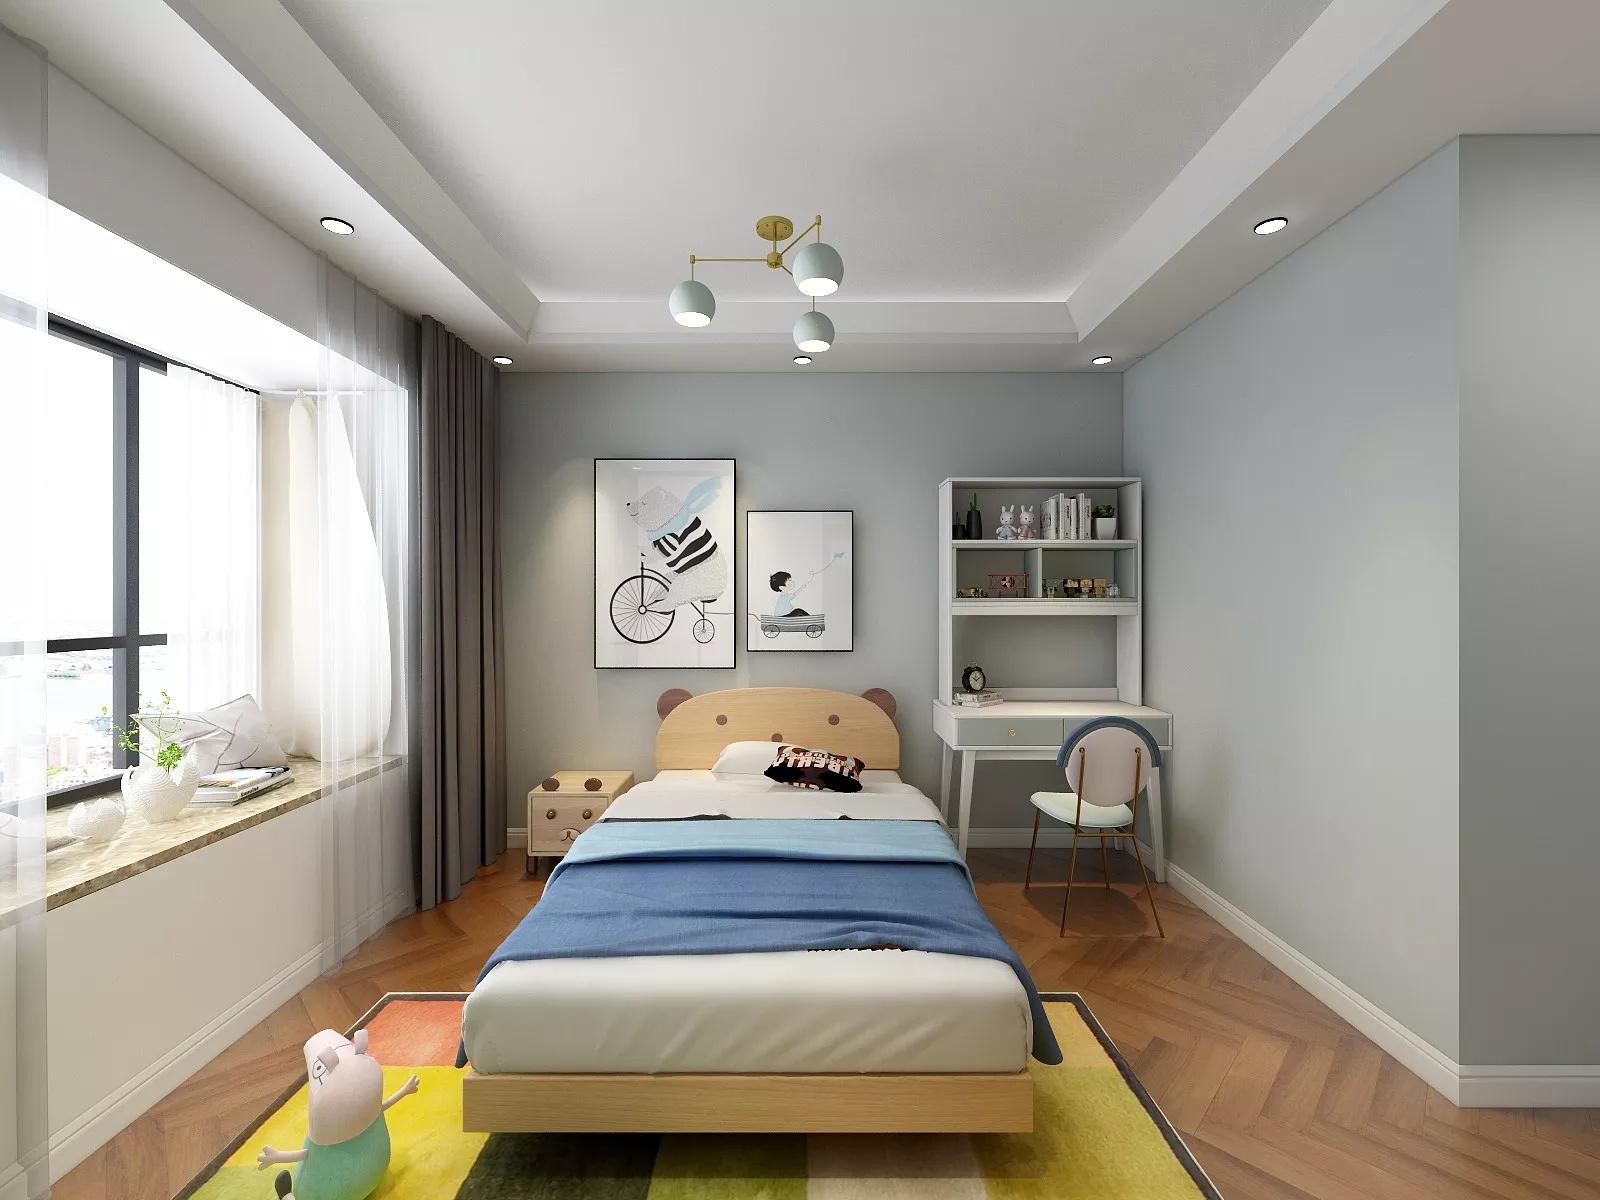 主卧室具有禅修元素,使精致的空间渗透